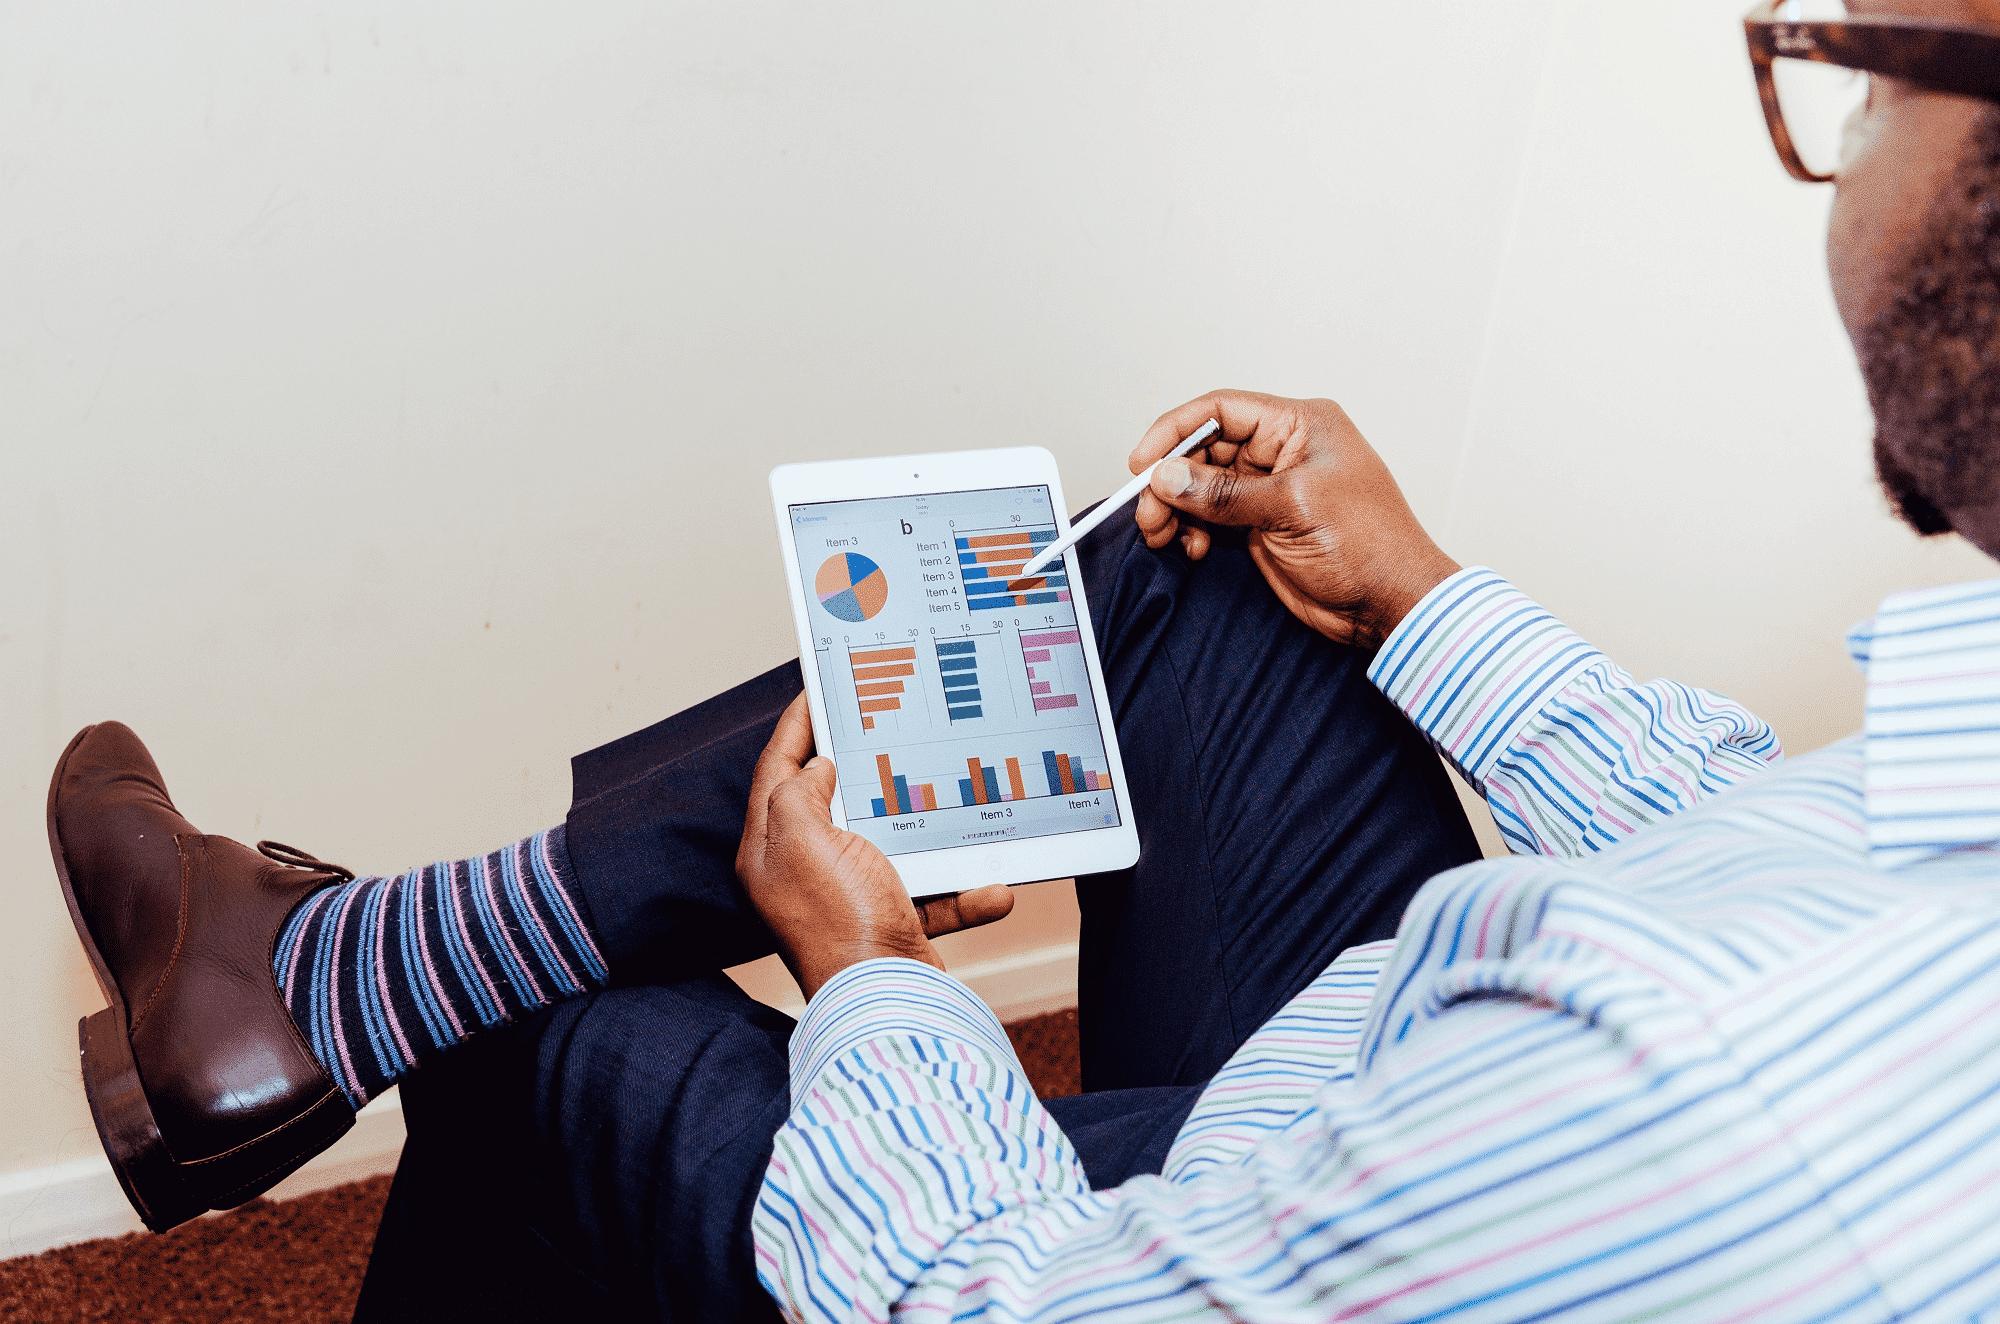 De SMART KPI-BEPALER 2020 | De handleiding voor KPI-management